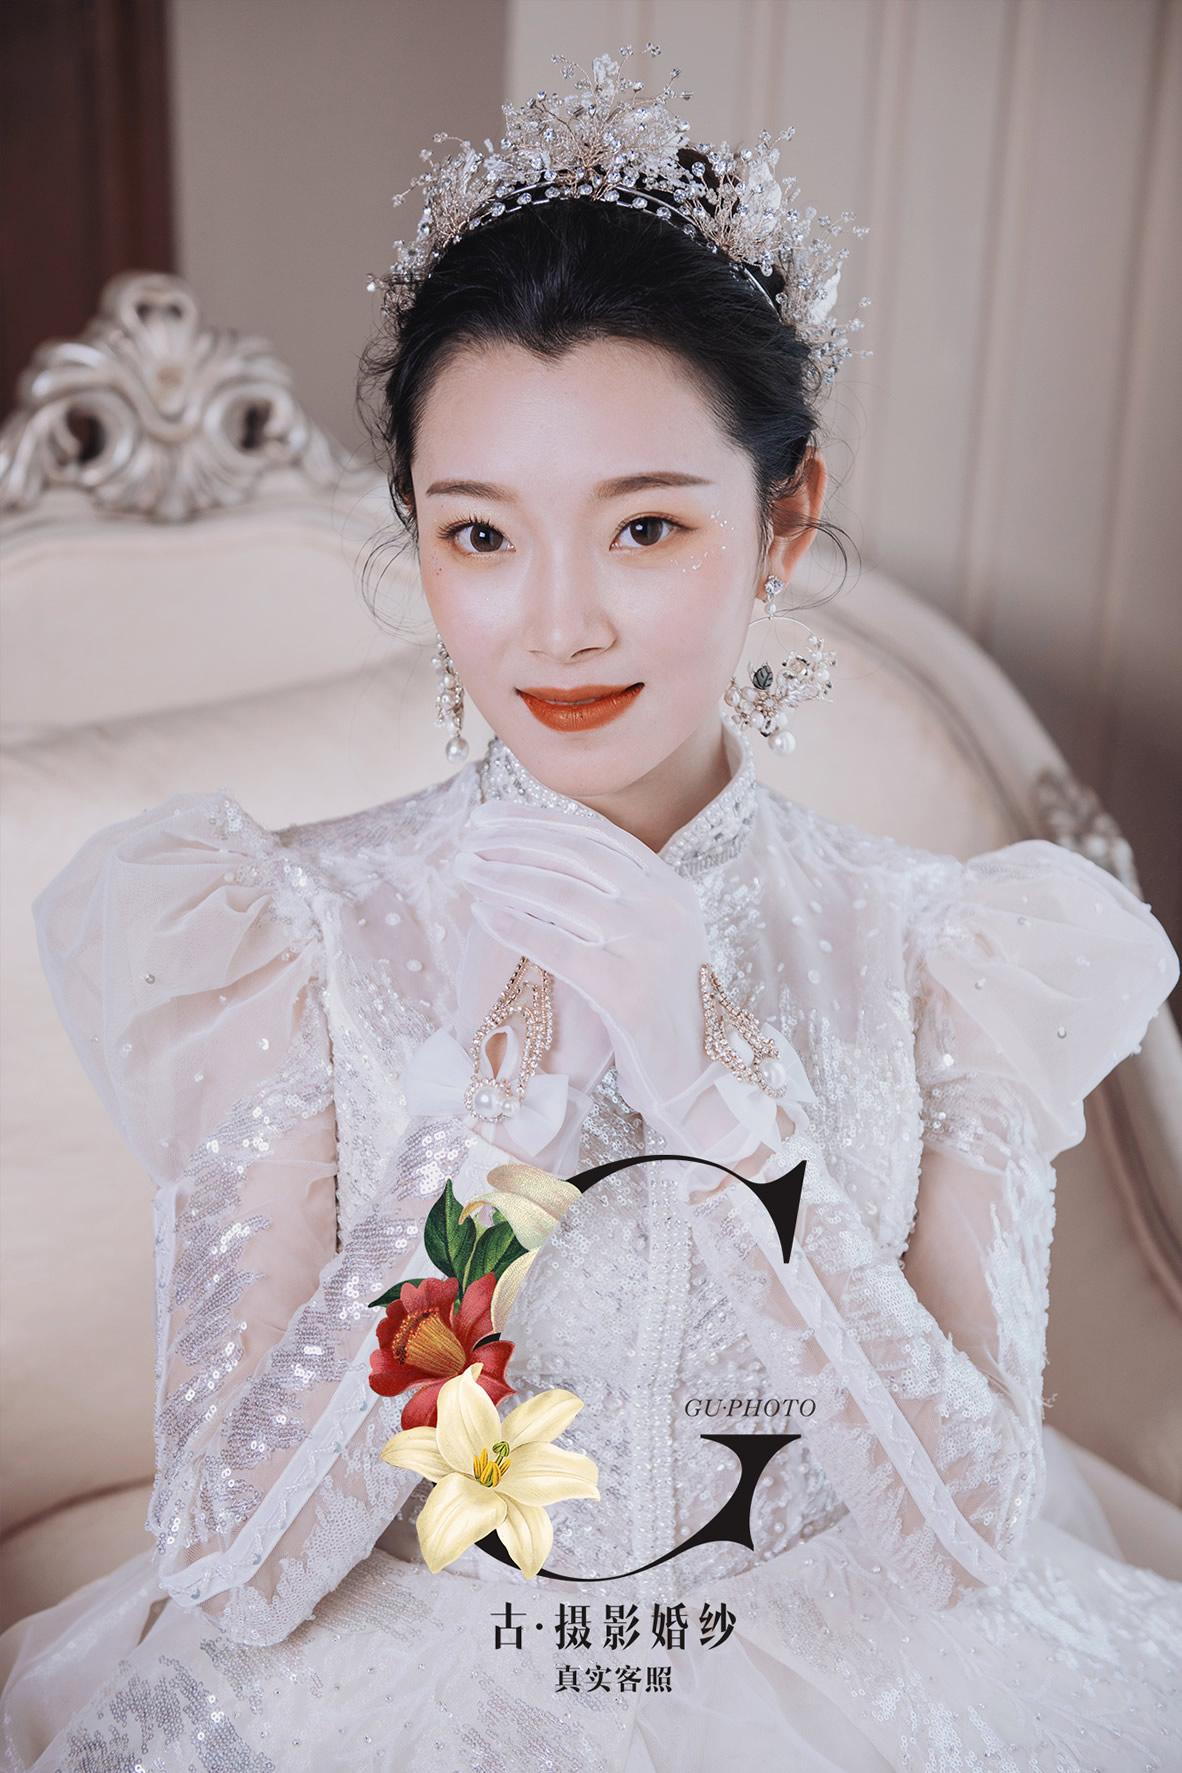 孙小姐夫妇 - 每日客照 - 广州婚纱摄影-广州古摄影官网